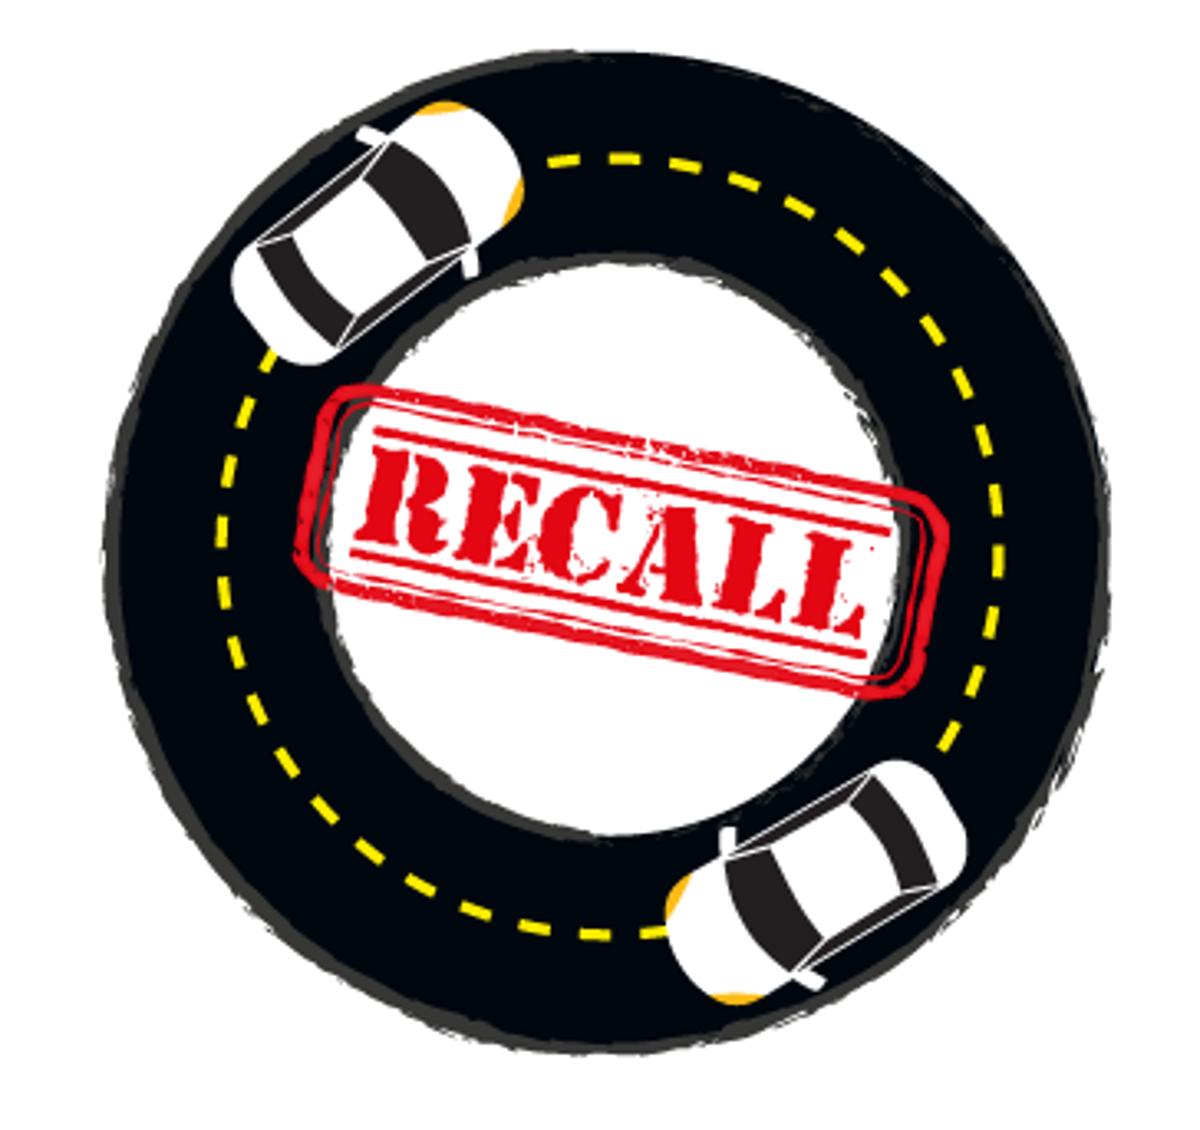 Ford convoca os proprietários das picapes Ranger produzidas em 2005 e 2006 para recall dos airbags Takata. Atendimento, que começa nesta quarta-feira (21) terá duas fases, uma de desativação e outra de substituição.